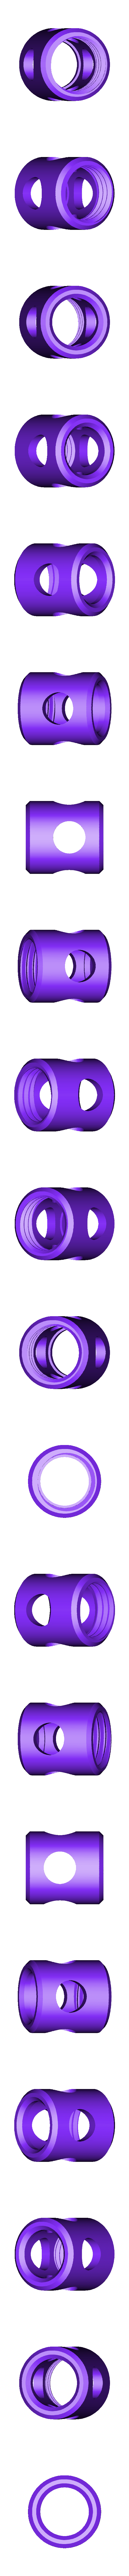 frontcap.stl Télécharger fichier STL gratuit Corps de lampe de poche pour module LED/réflecteur V2 • Design à imprimer en 3D, LarryG